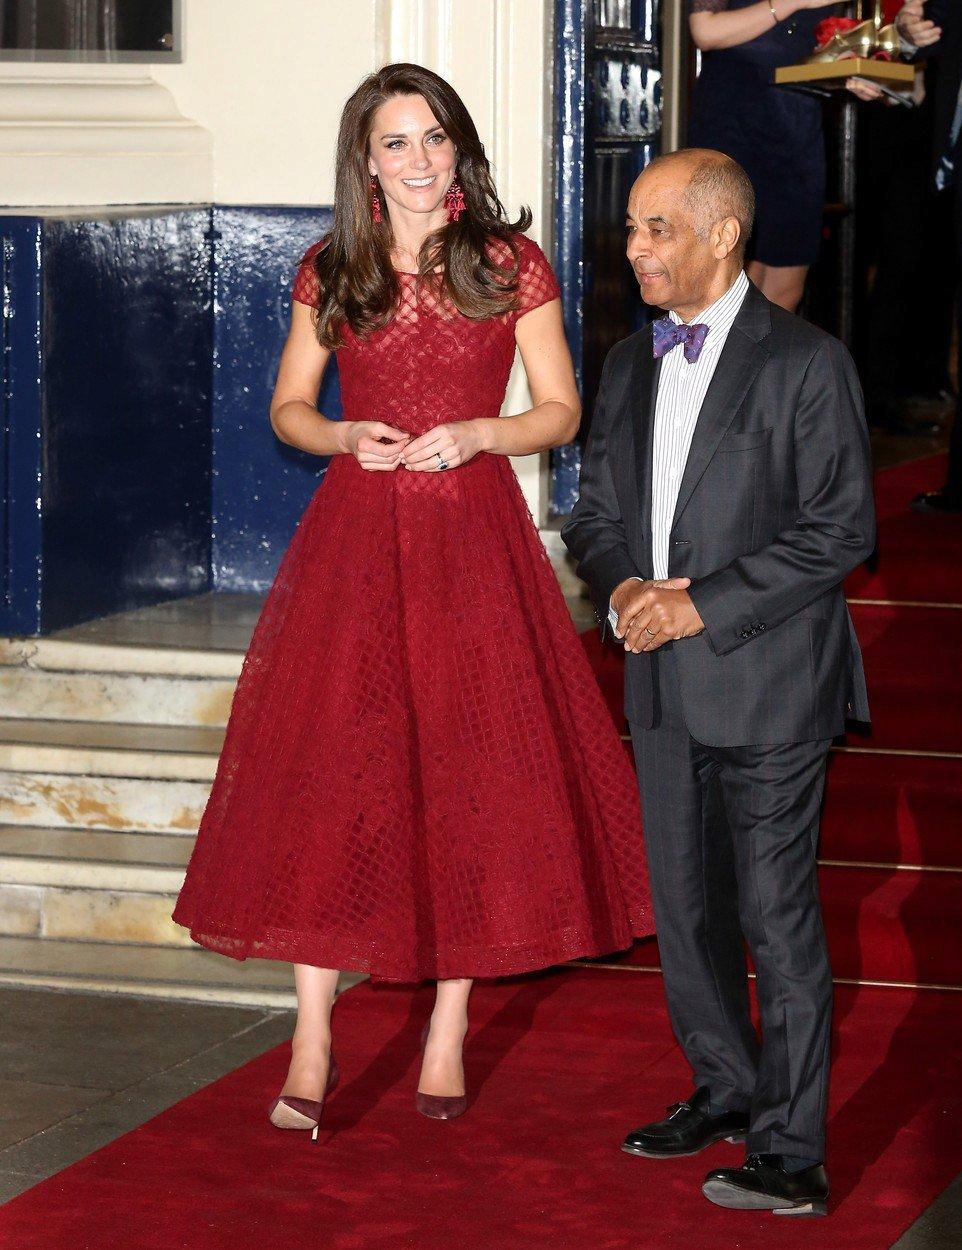 Vévodkyně Kate v šatech Marchesa Notte